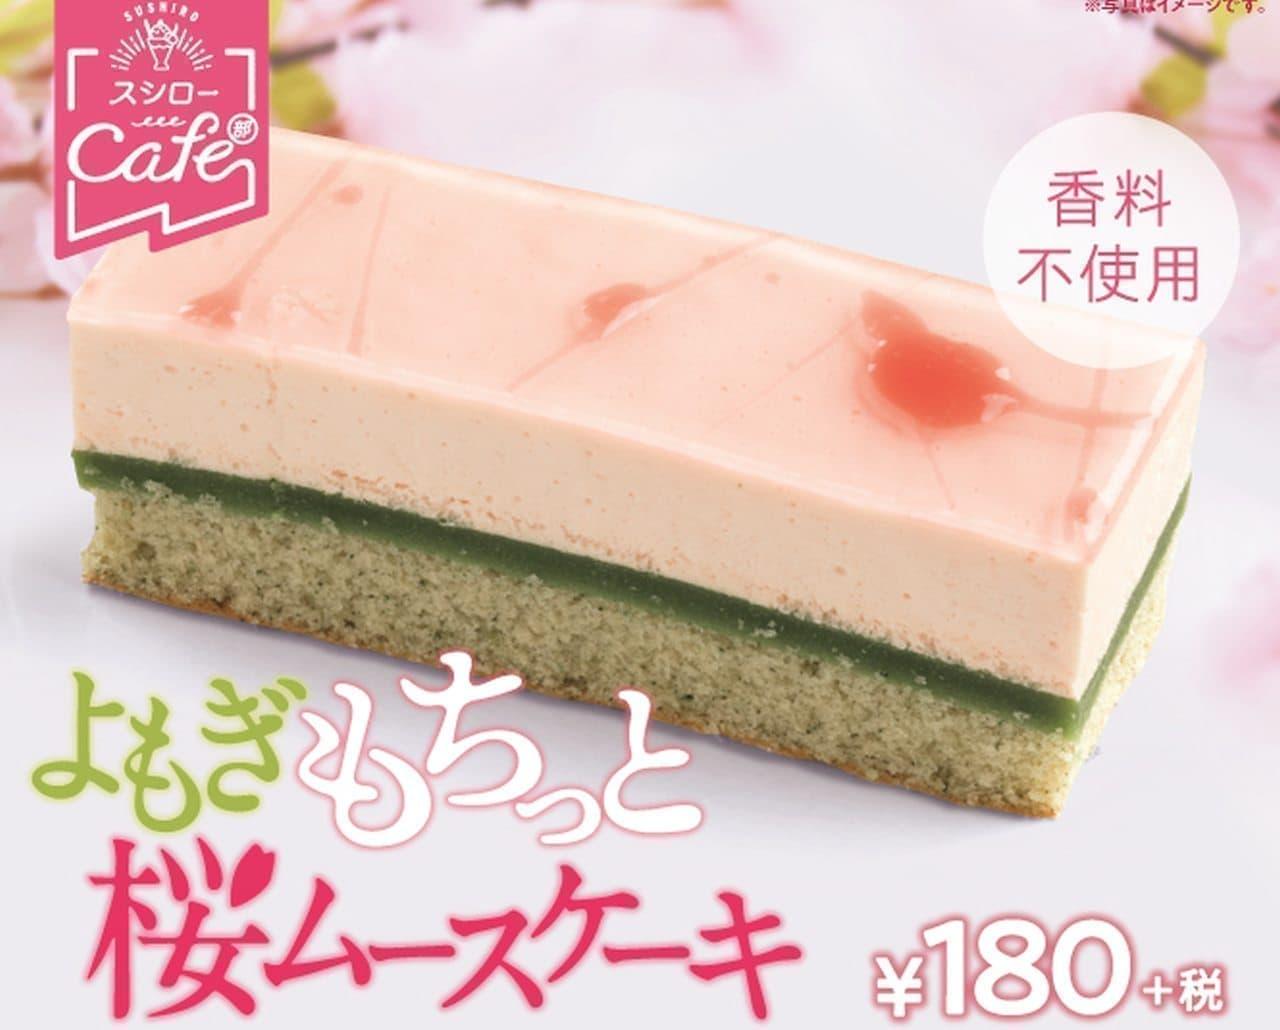 スシロー「よもぎもちっと桜ムースケーキ」